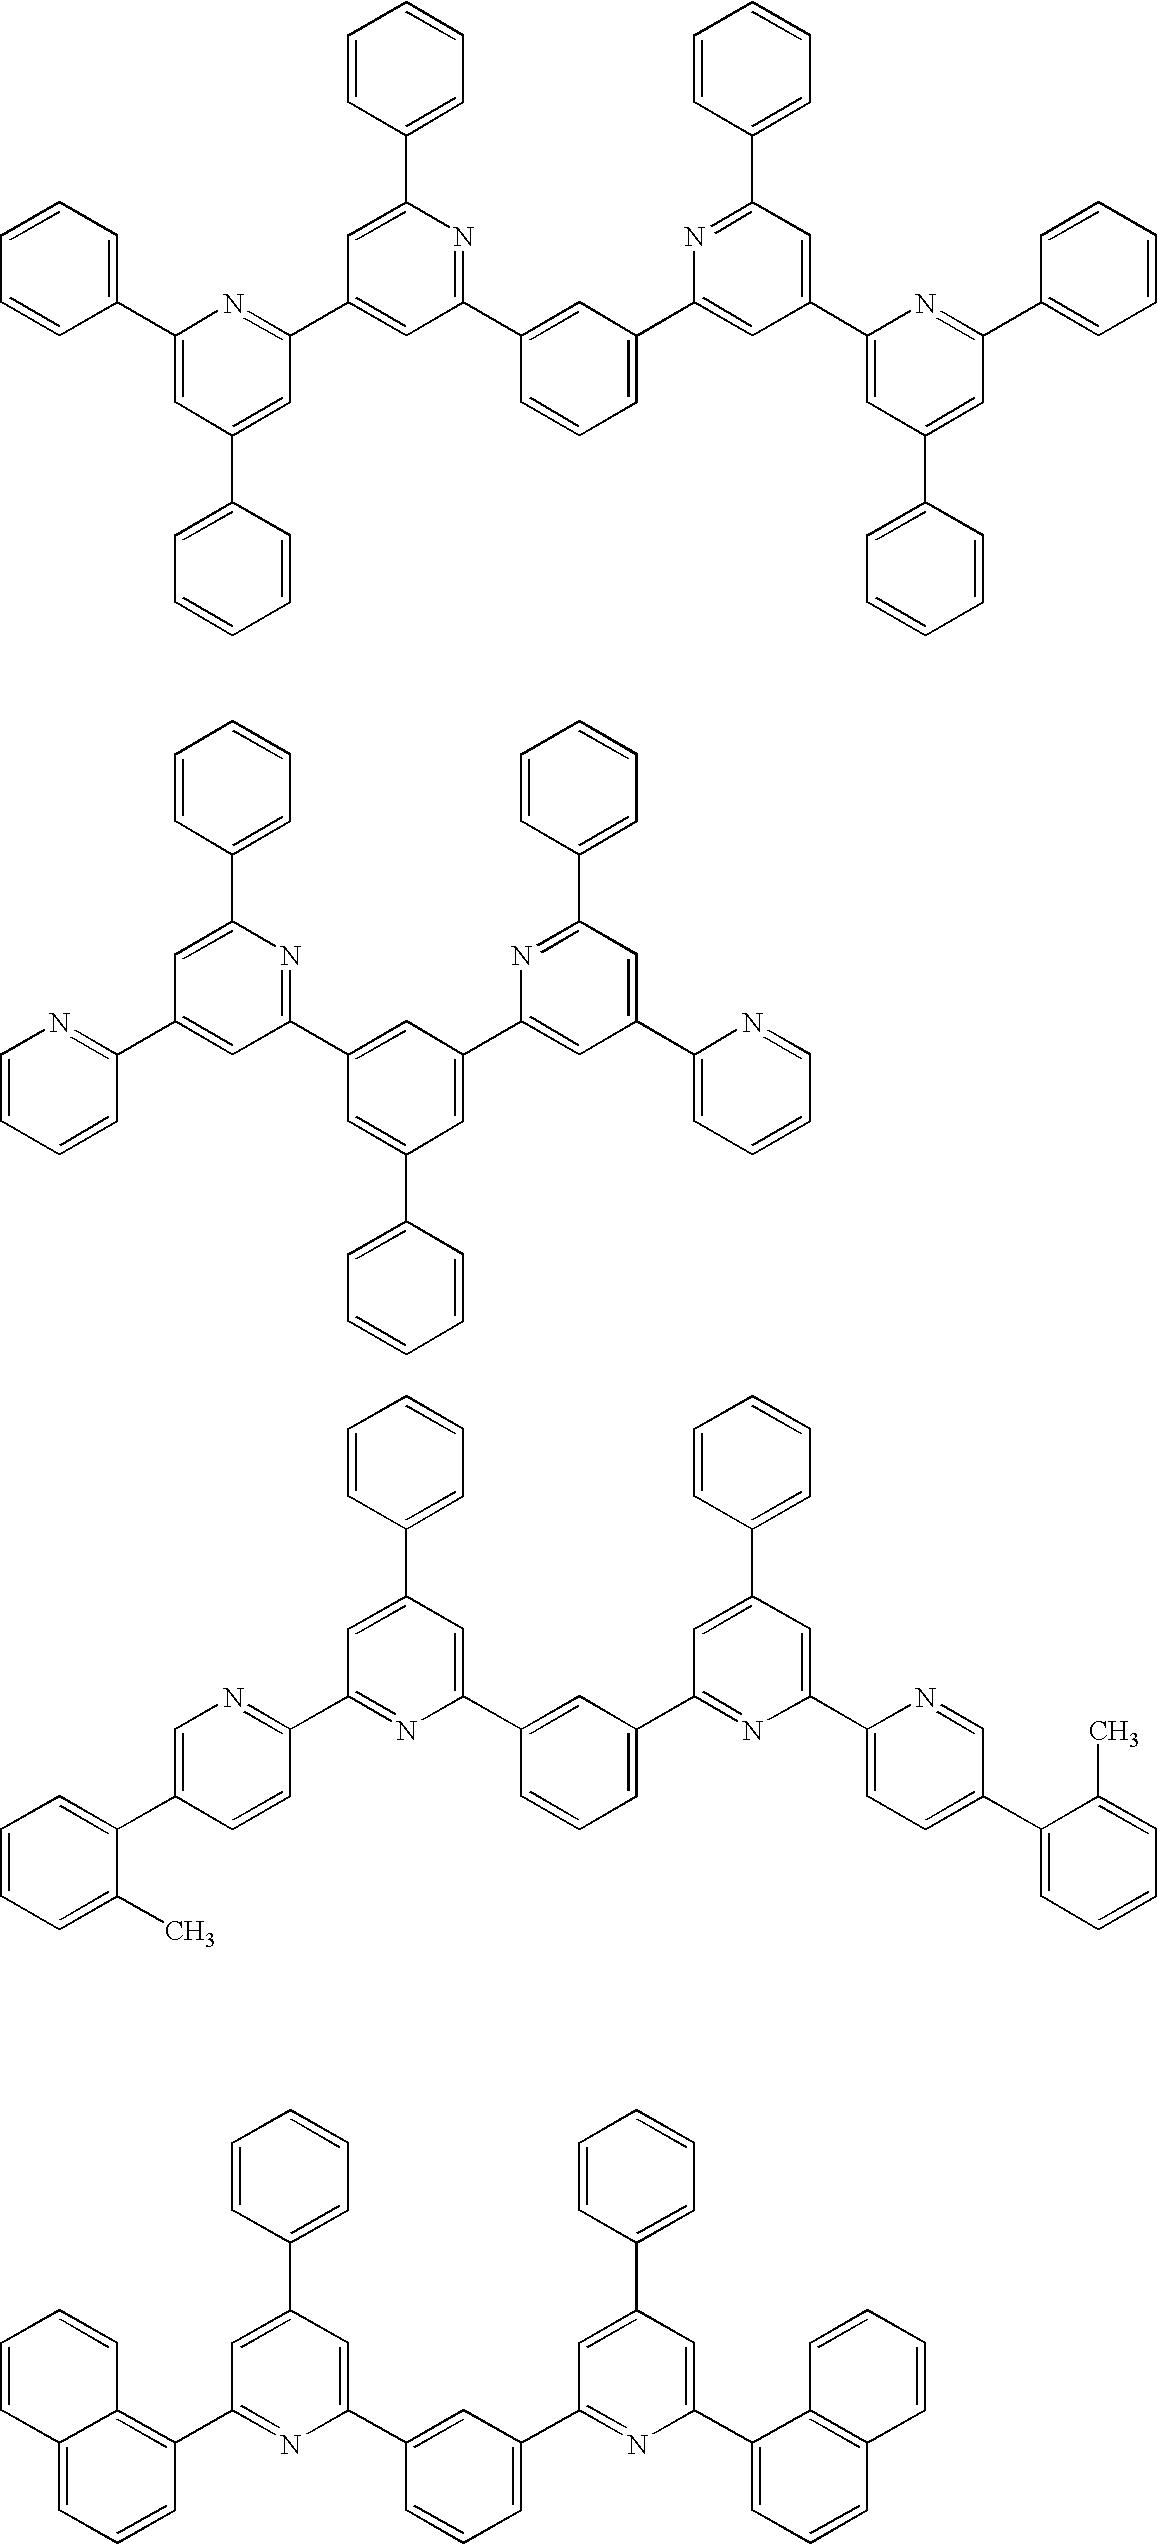 Figure US20060186796A1-20060824-C00036